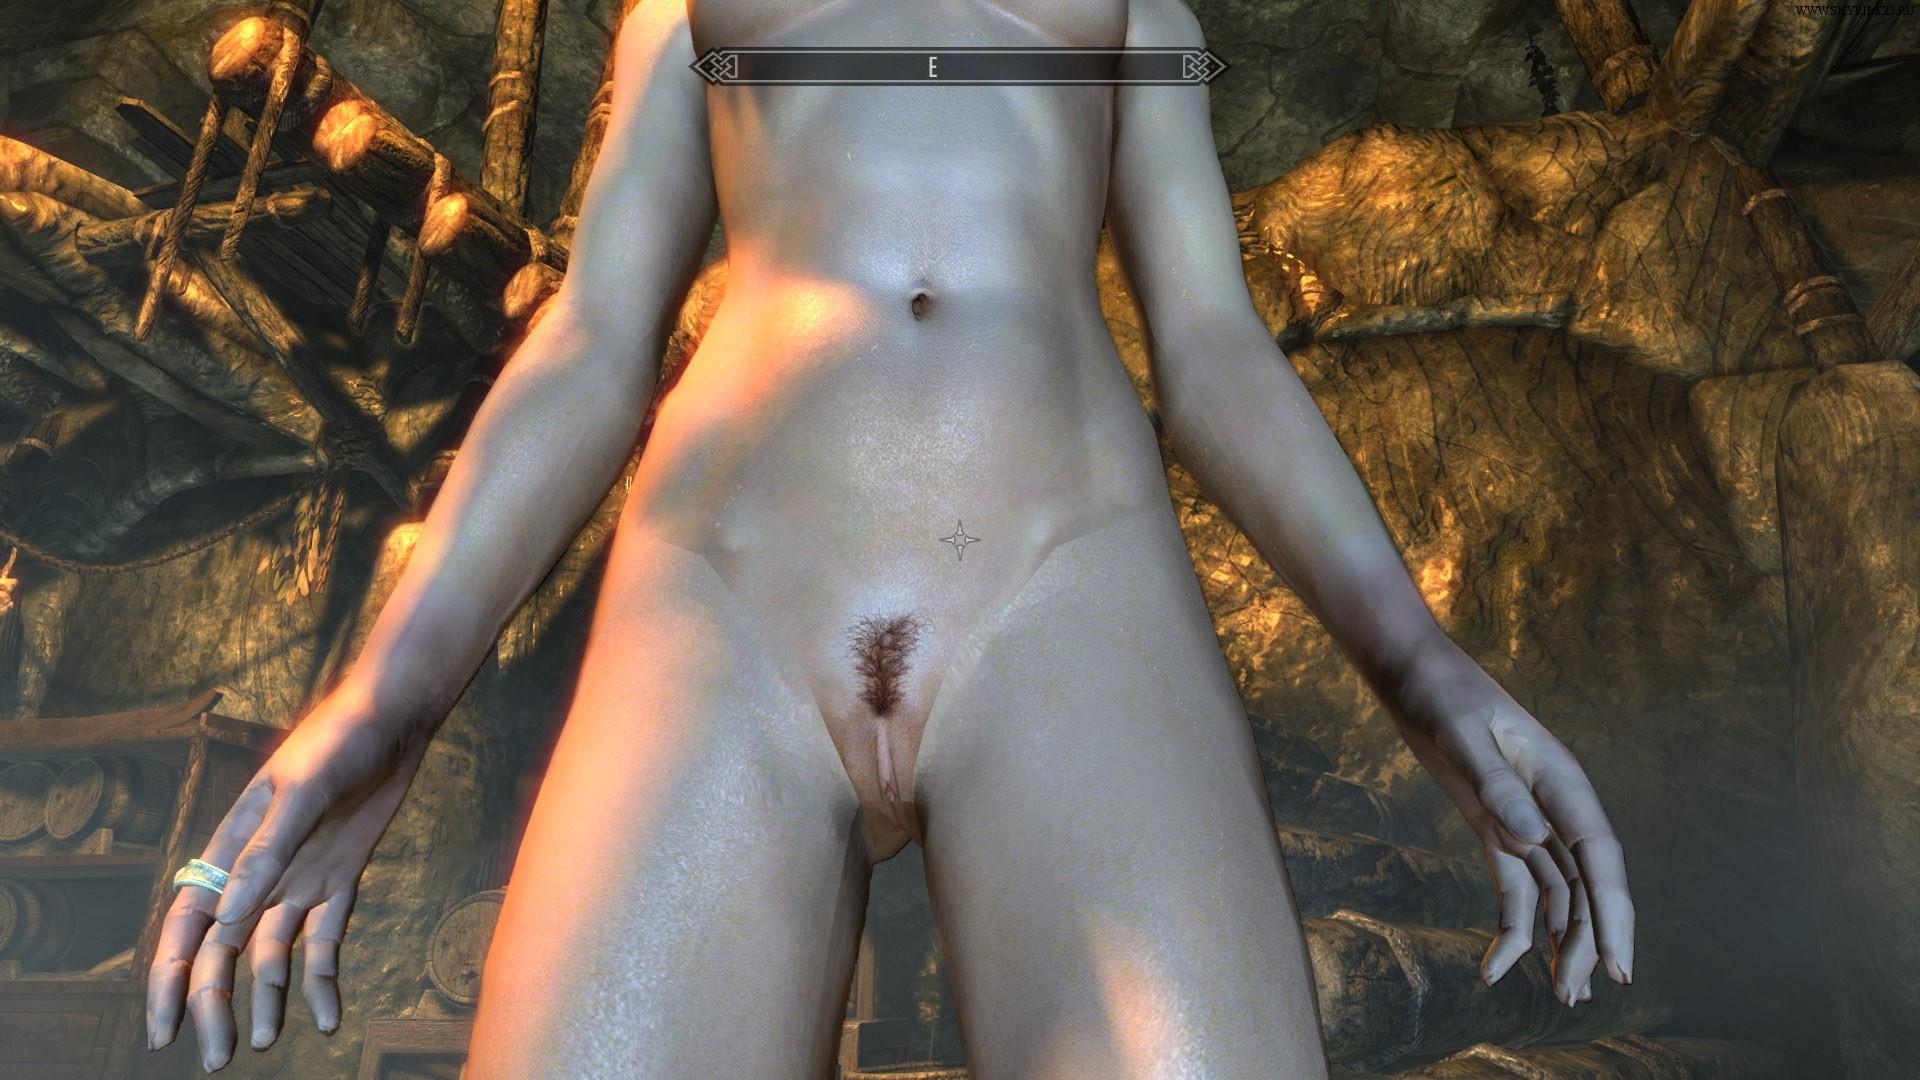 Эротика порно видео смотреть онлайн бесплатно в хорошем